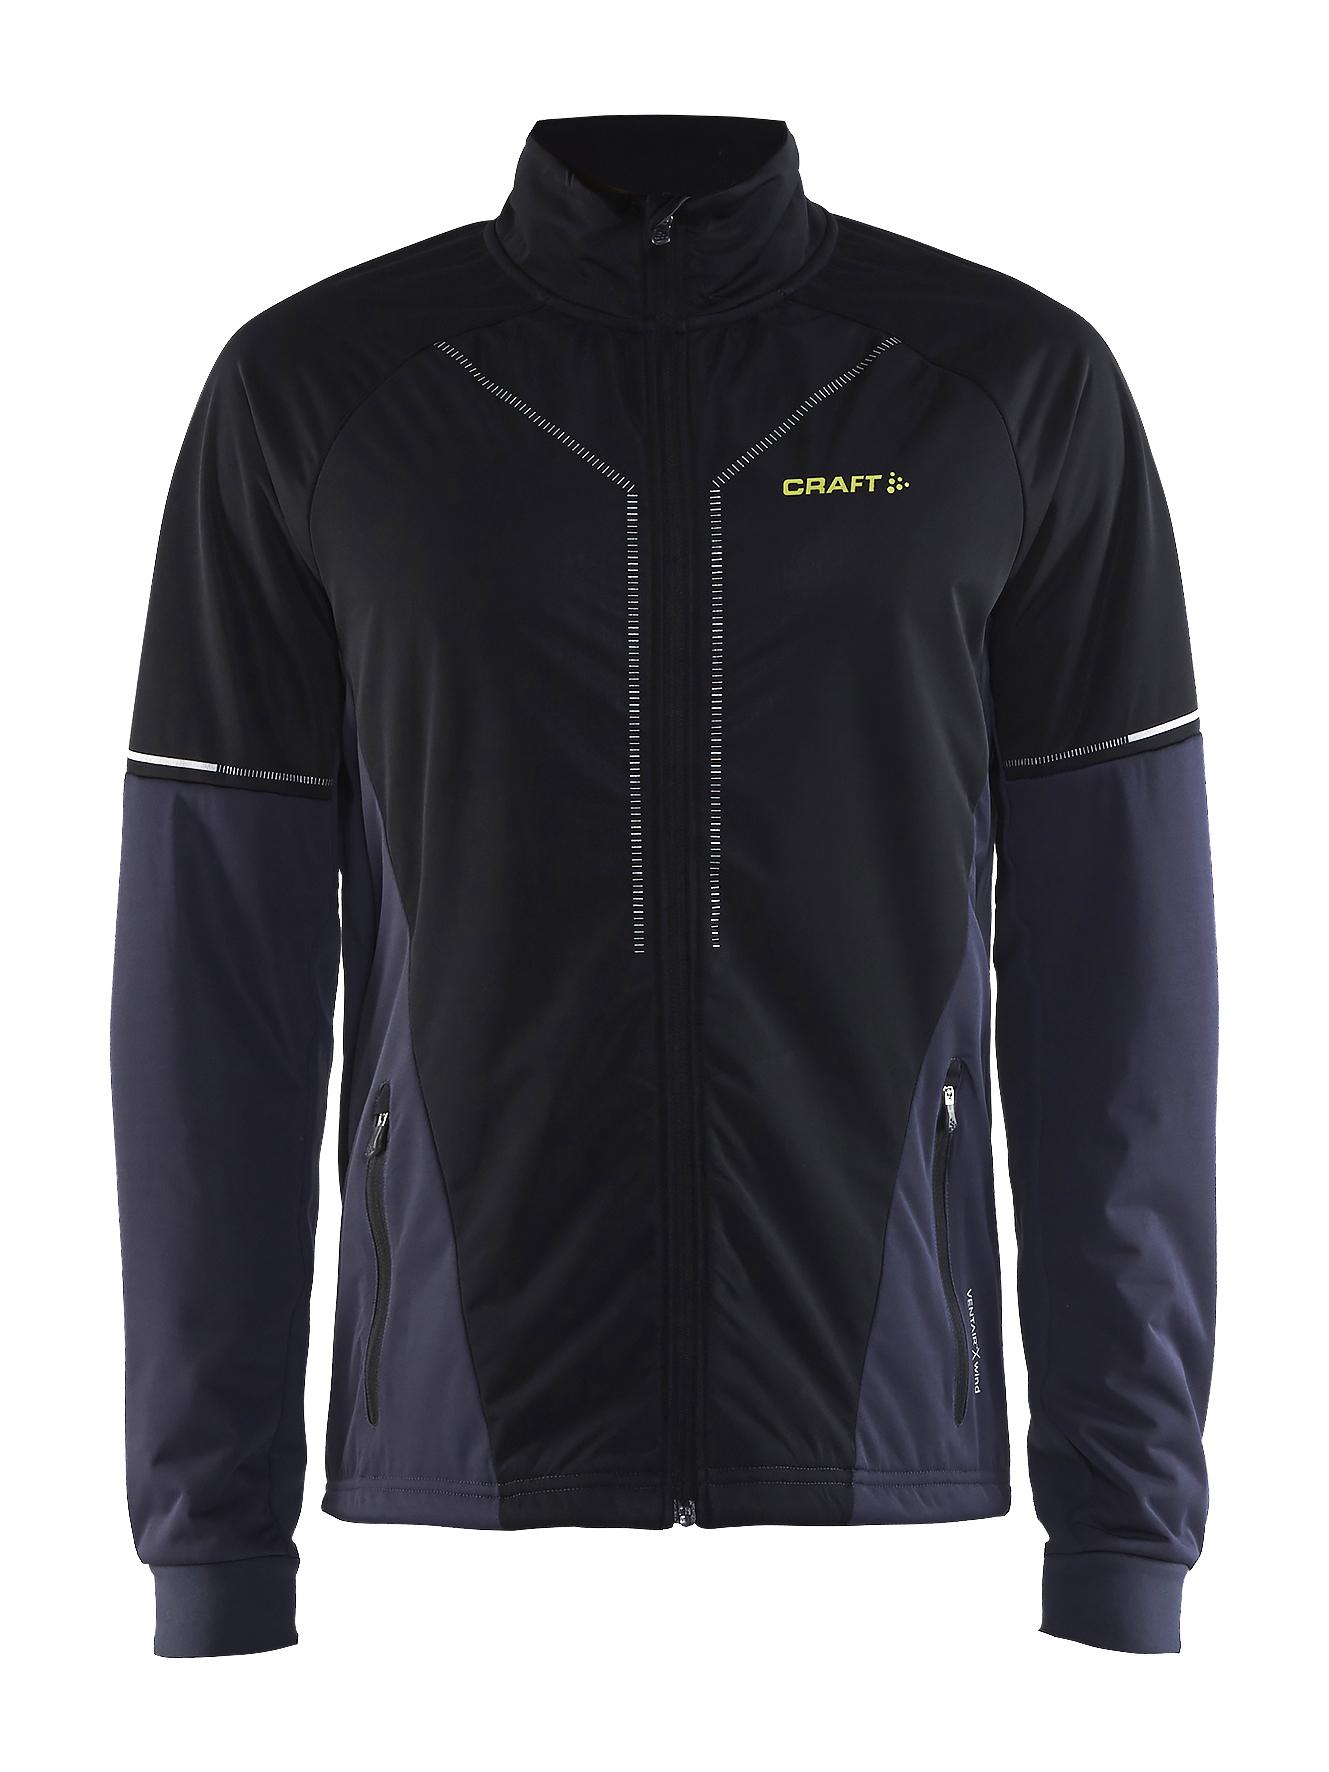 CRAFT STORM 2.0 мужская лыжная куртка черная